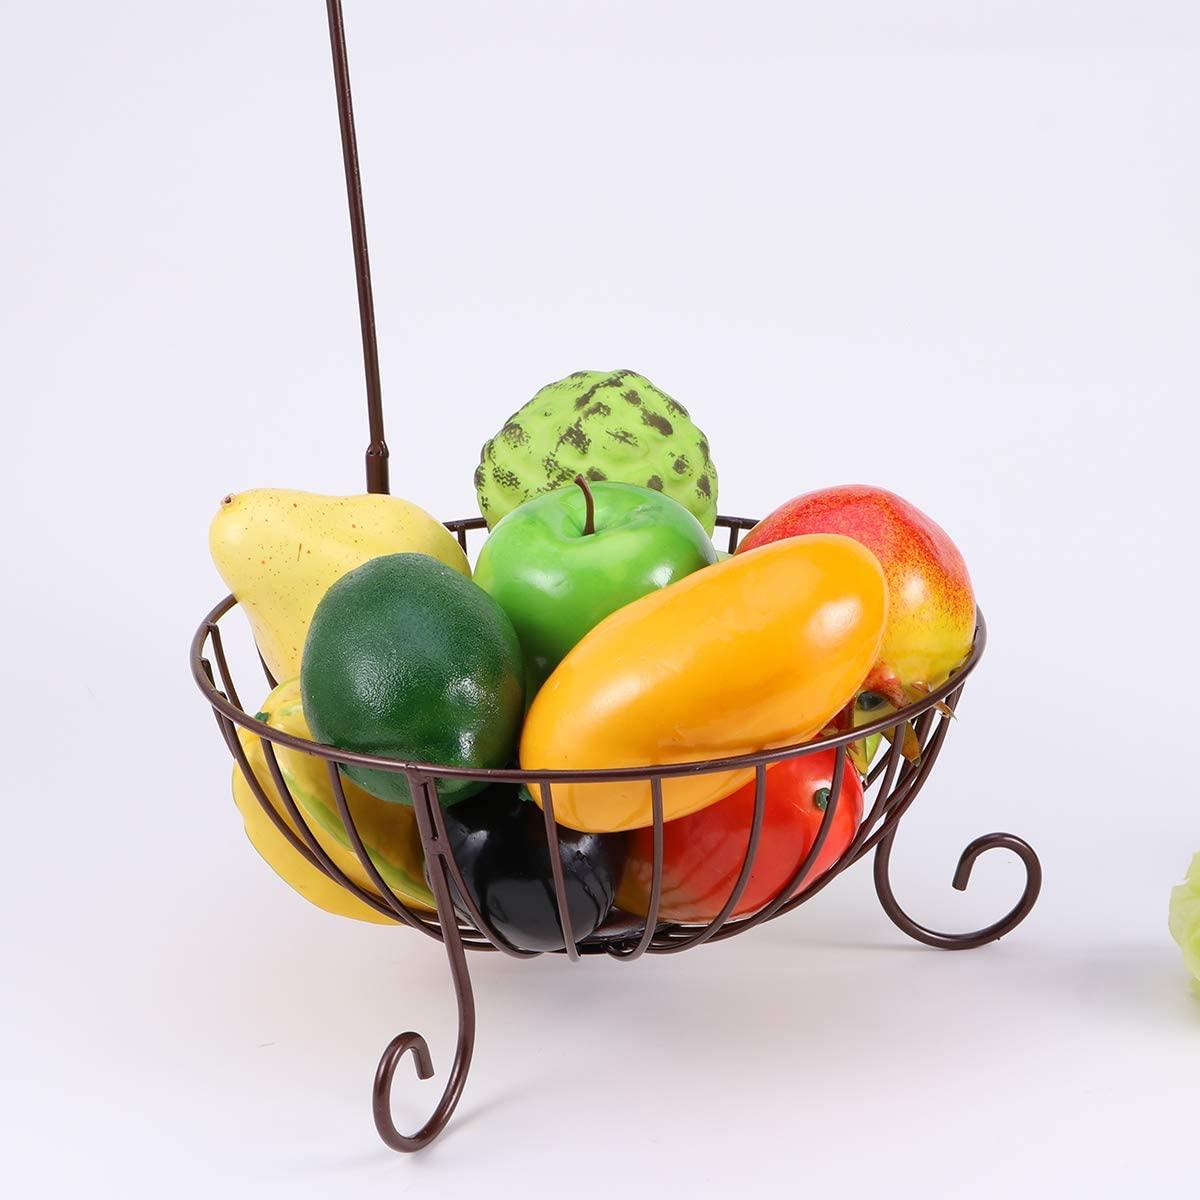 WINOMO(ウィノモ)バナナ吊りフック付きフルーツバスケットの商品画像7